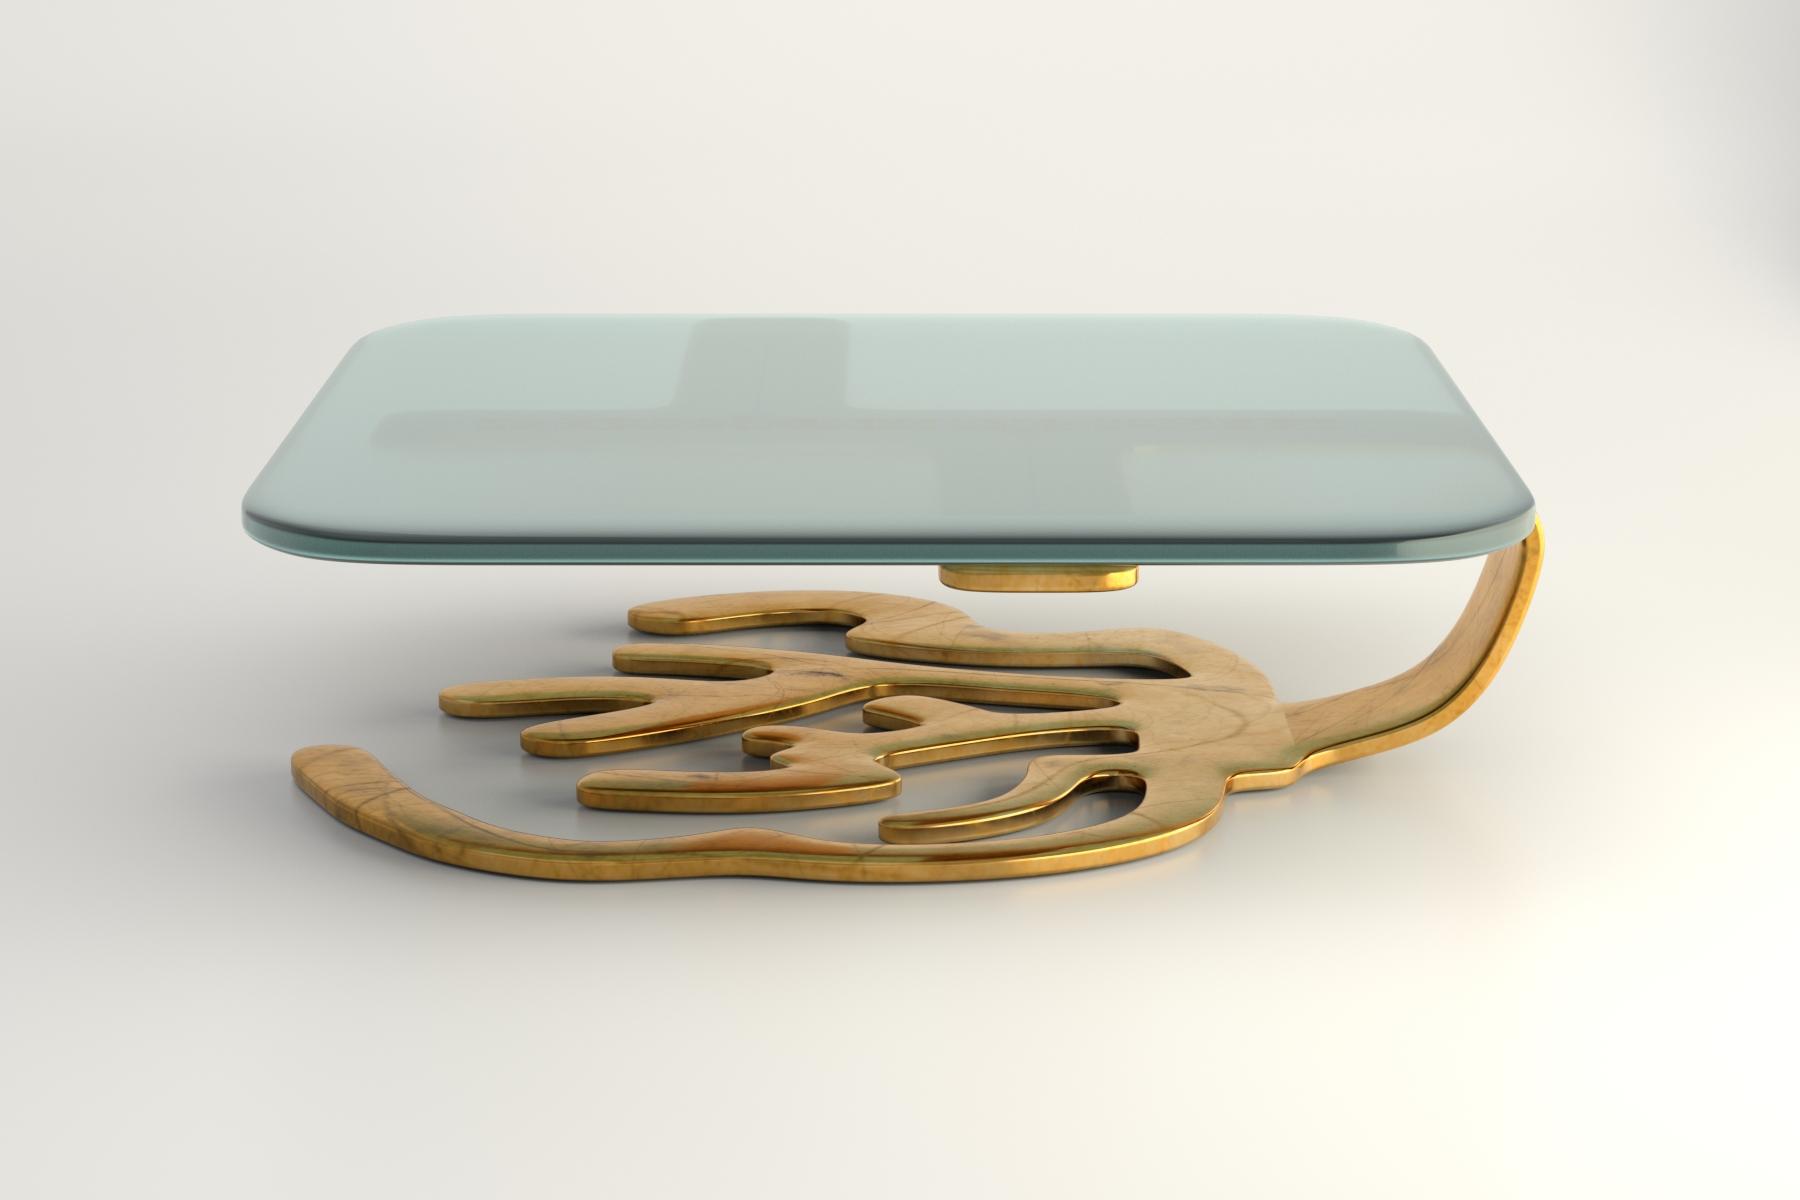 Table No. 91